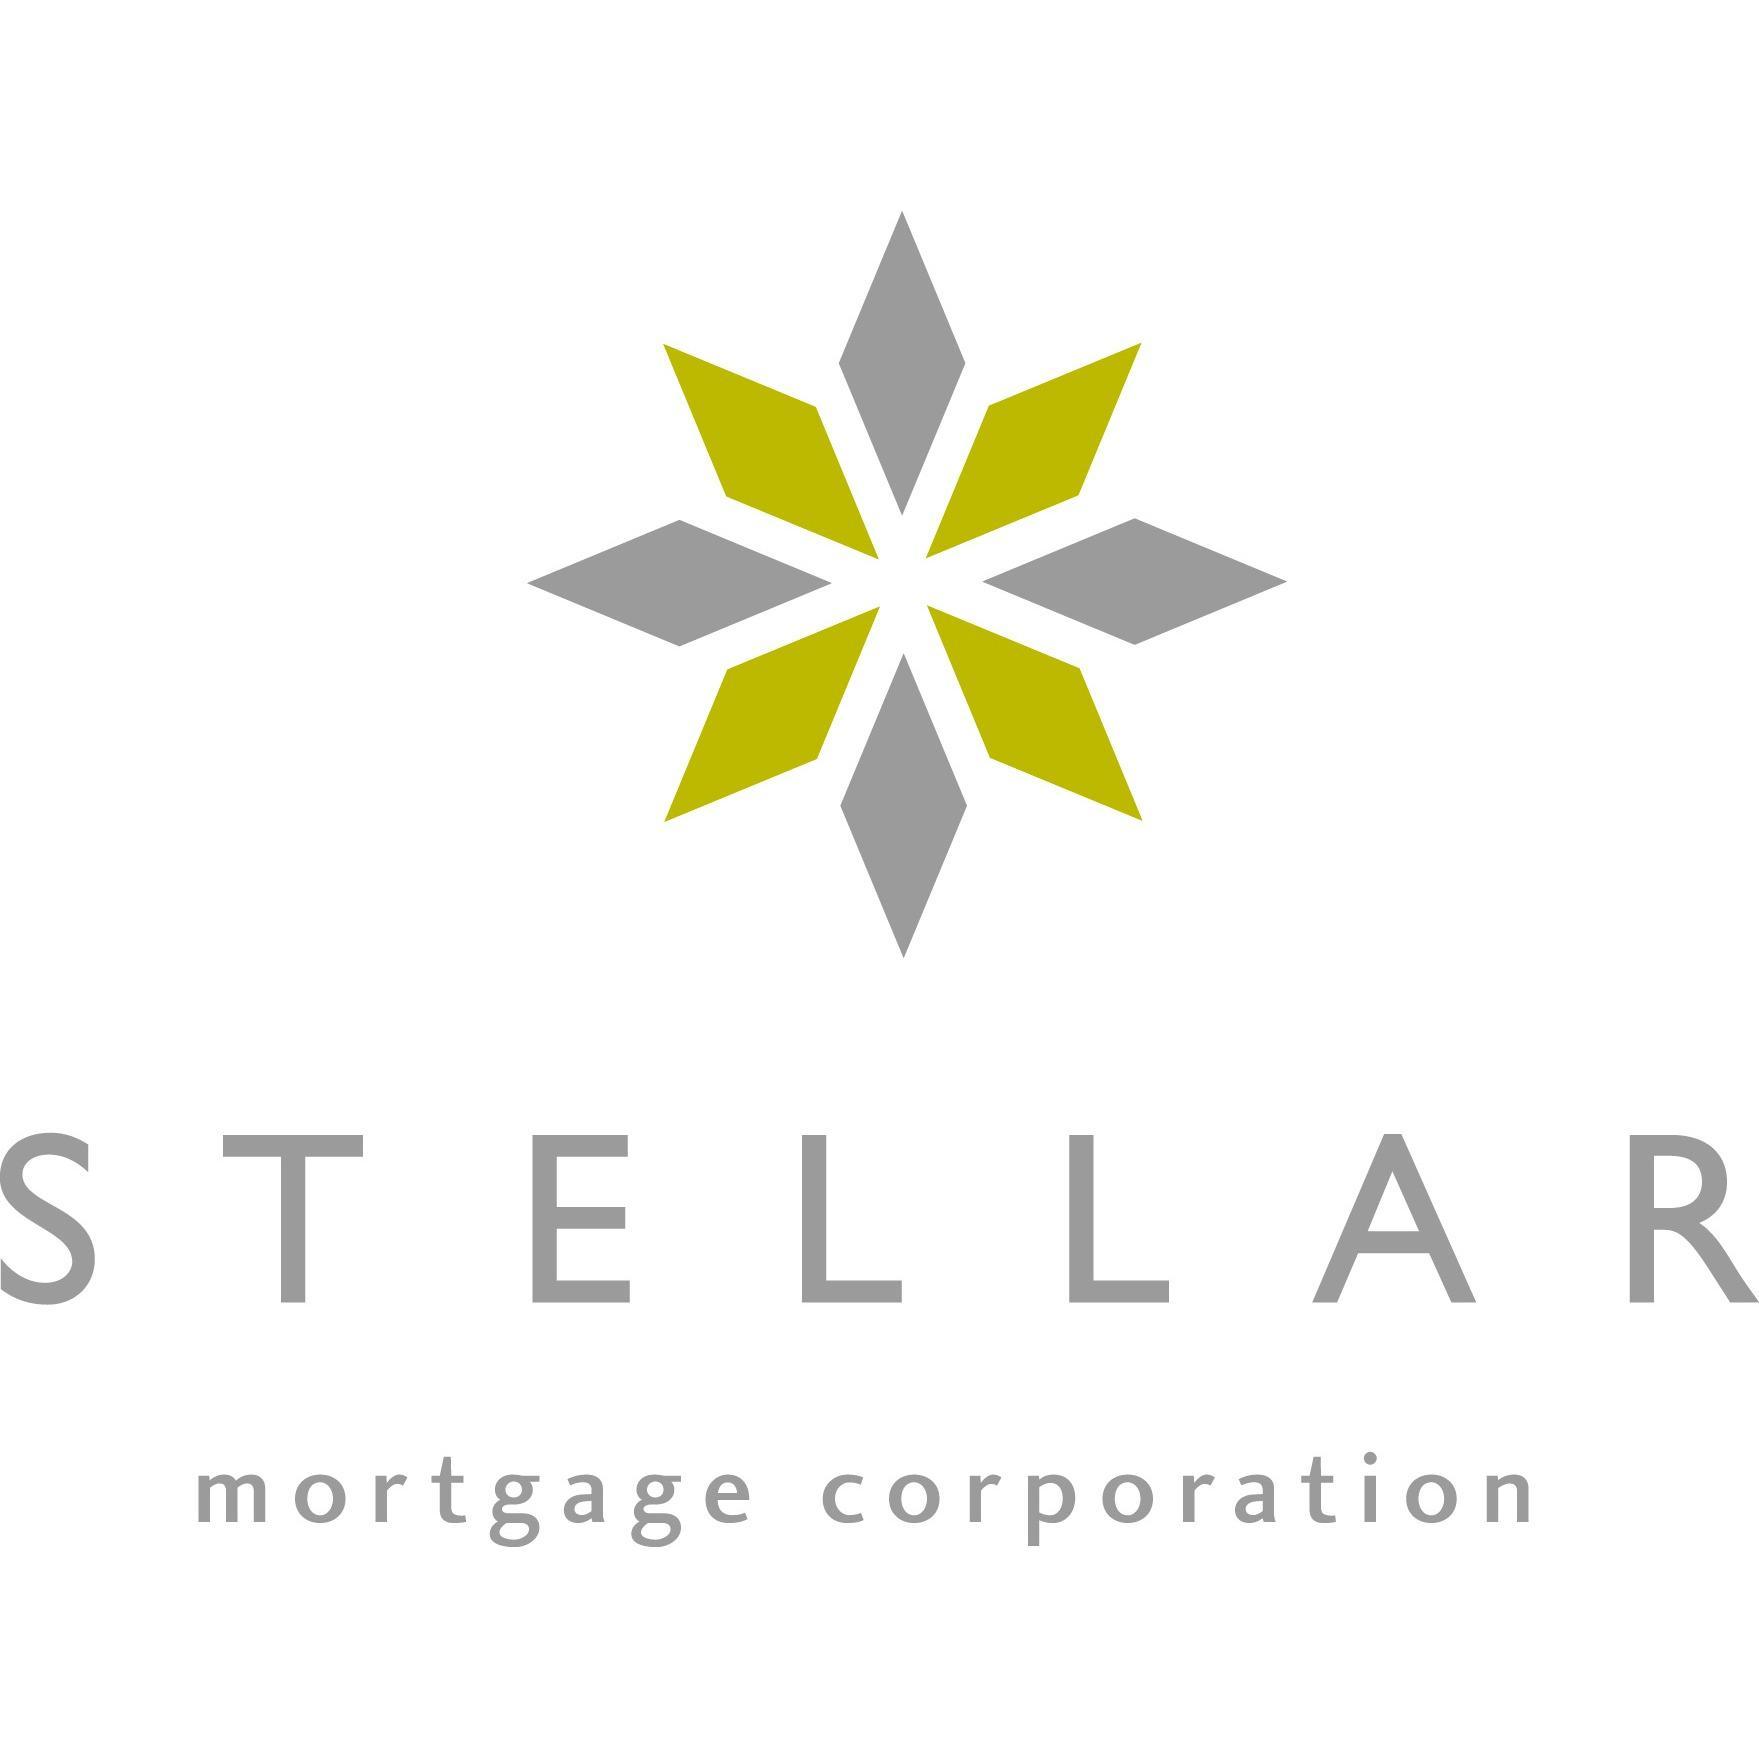 STELLAR mortgage corporation - Atlanta, GA - Mortgage Brokers & Lenders